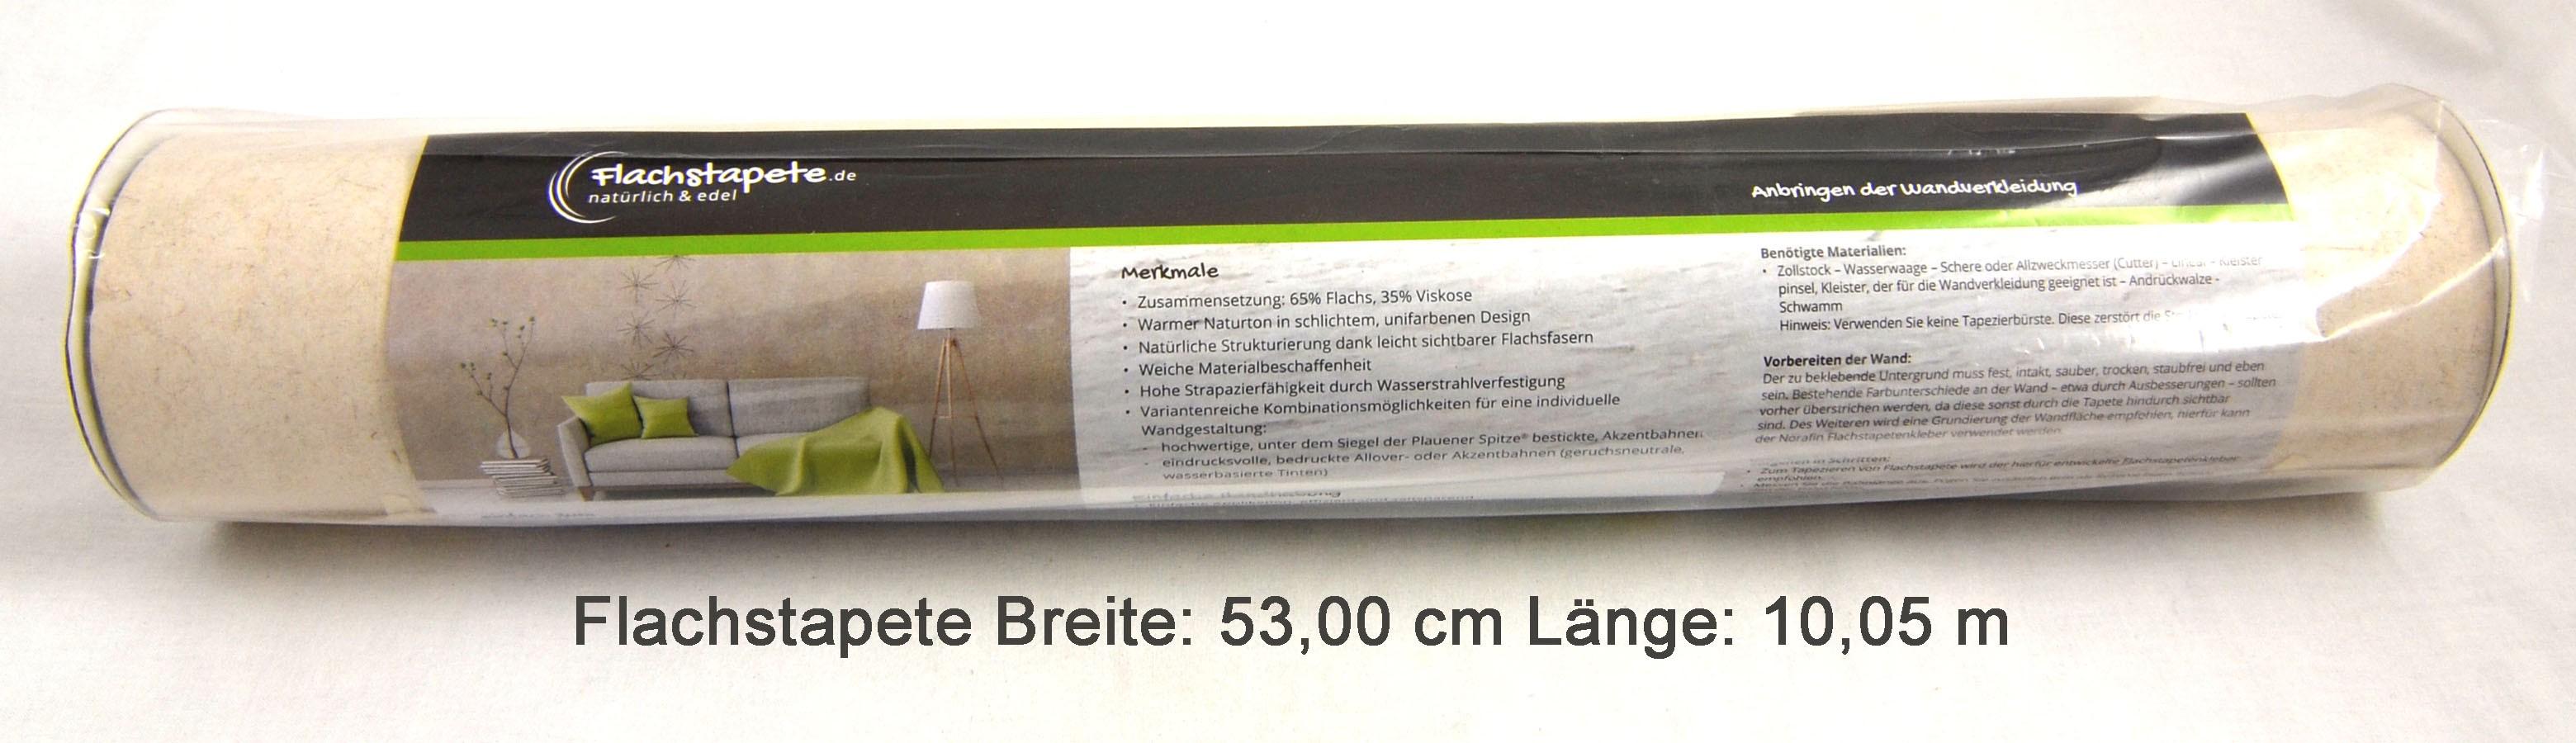 Flachstapete  Breite x Länge 53,00 cm x 10,05 m